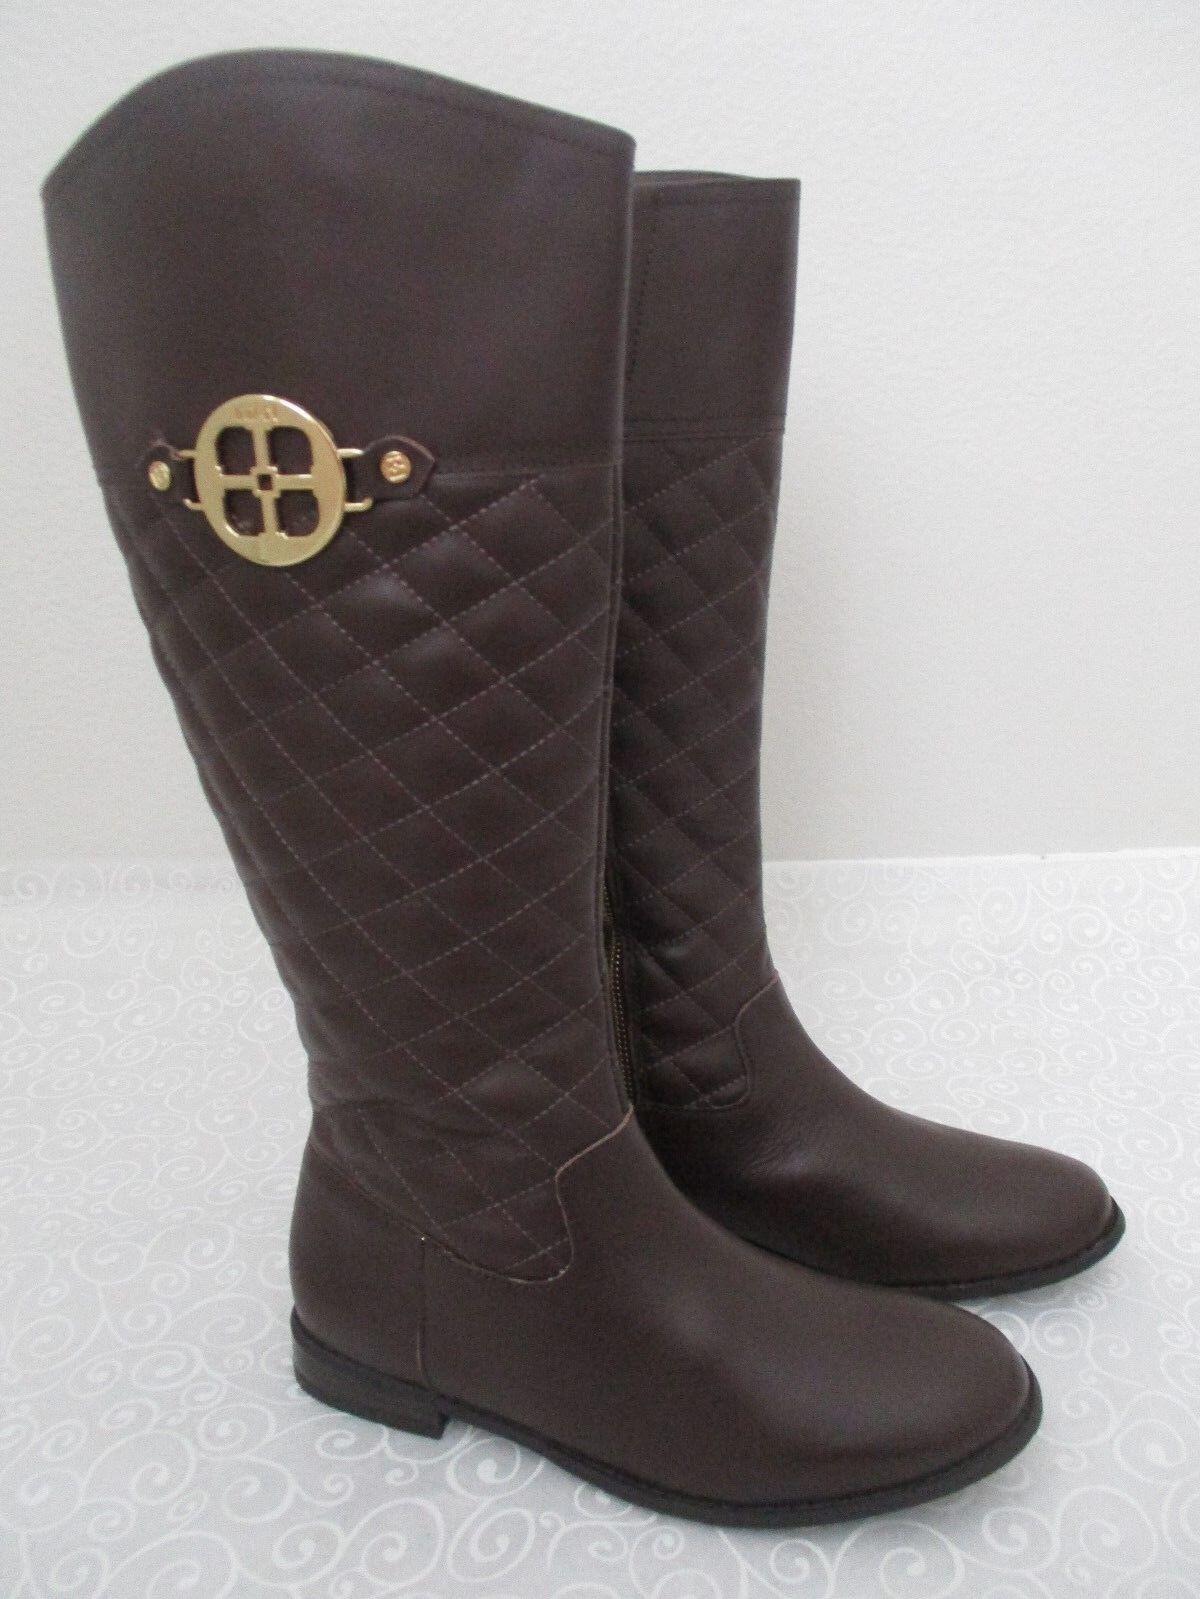 IMAN De Cuero Marrón Chocolate la rodilla botas altas  2 M-Nuevo